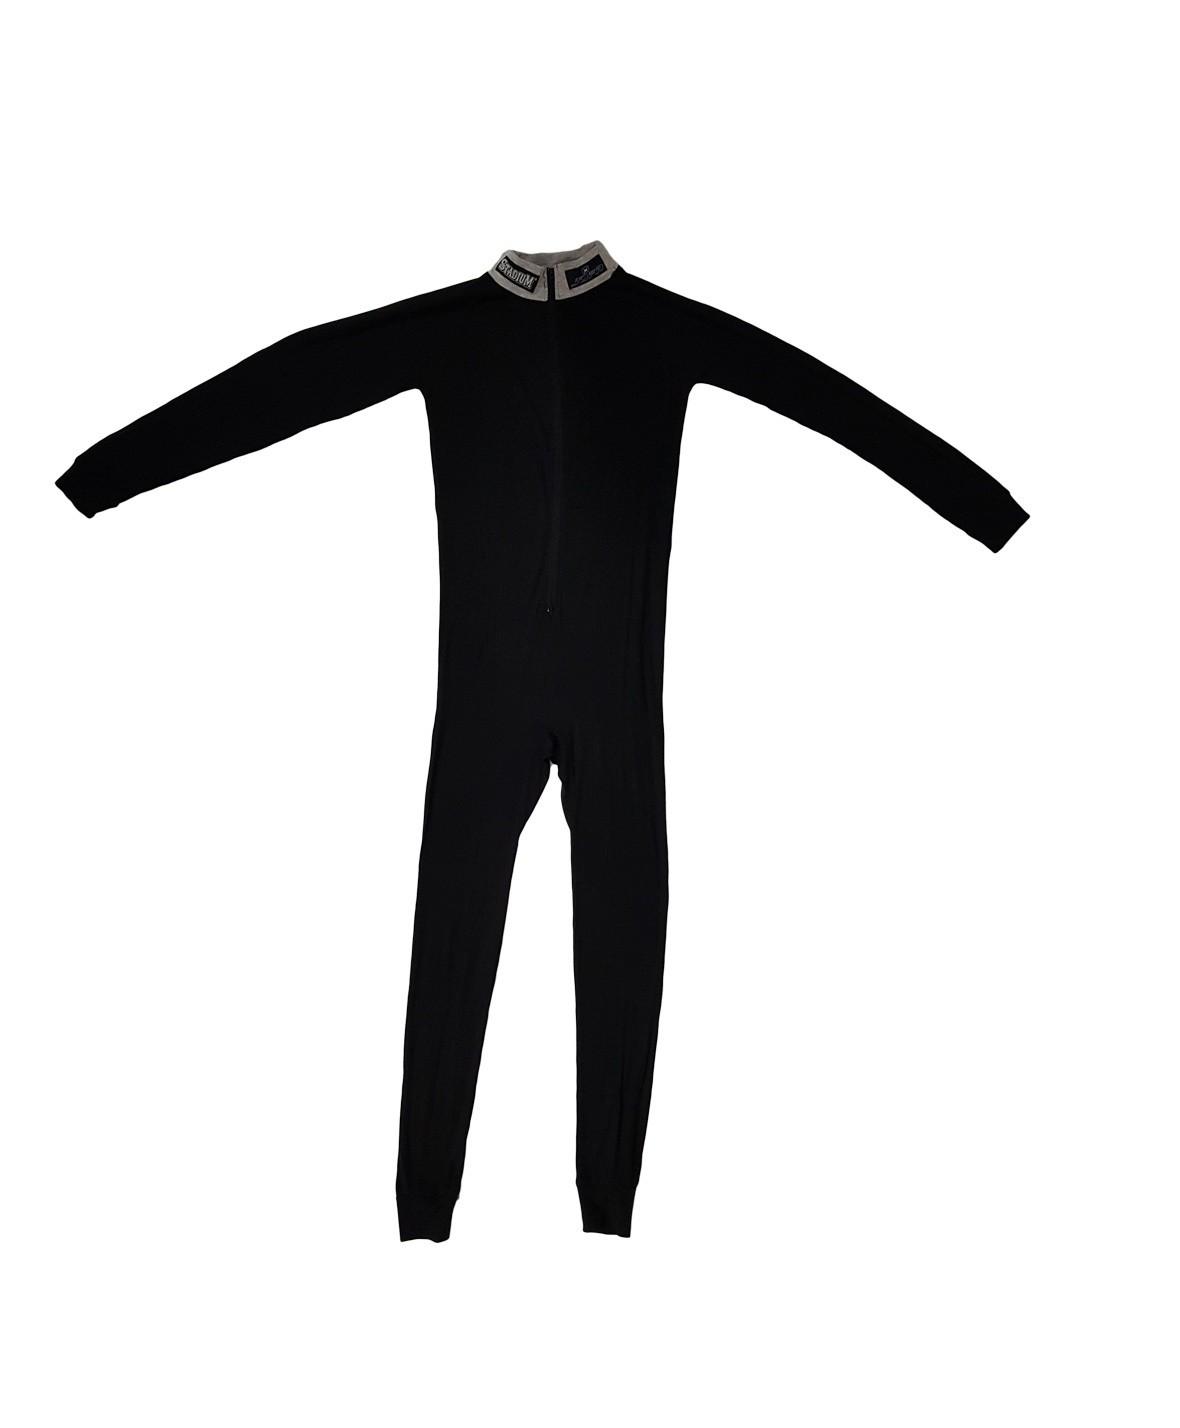 JOFA Junior Zip Underwear